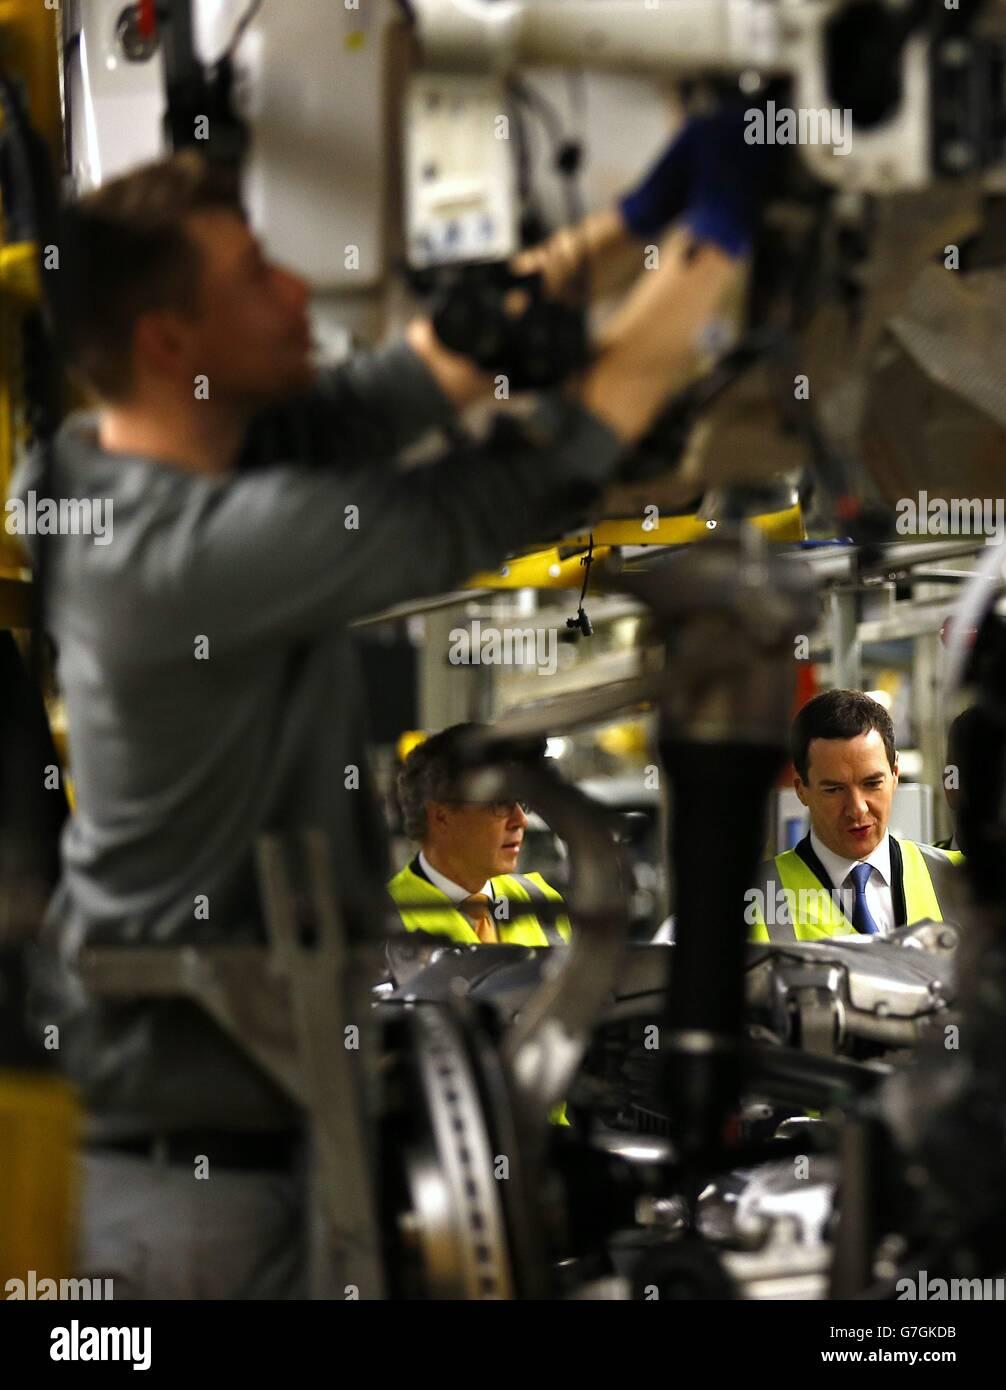 Osborne visits Bentley Motors in Crewe - Stock Image